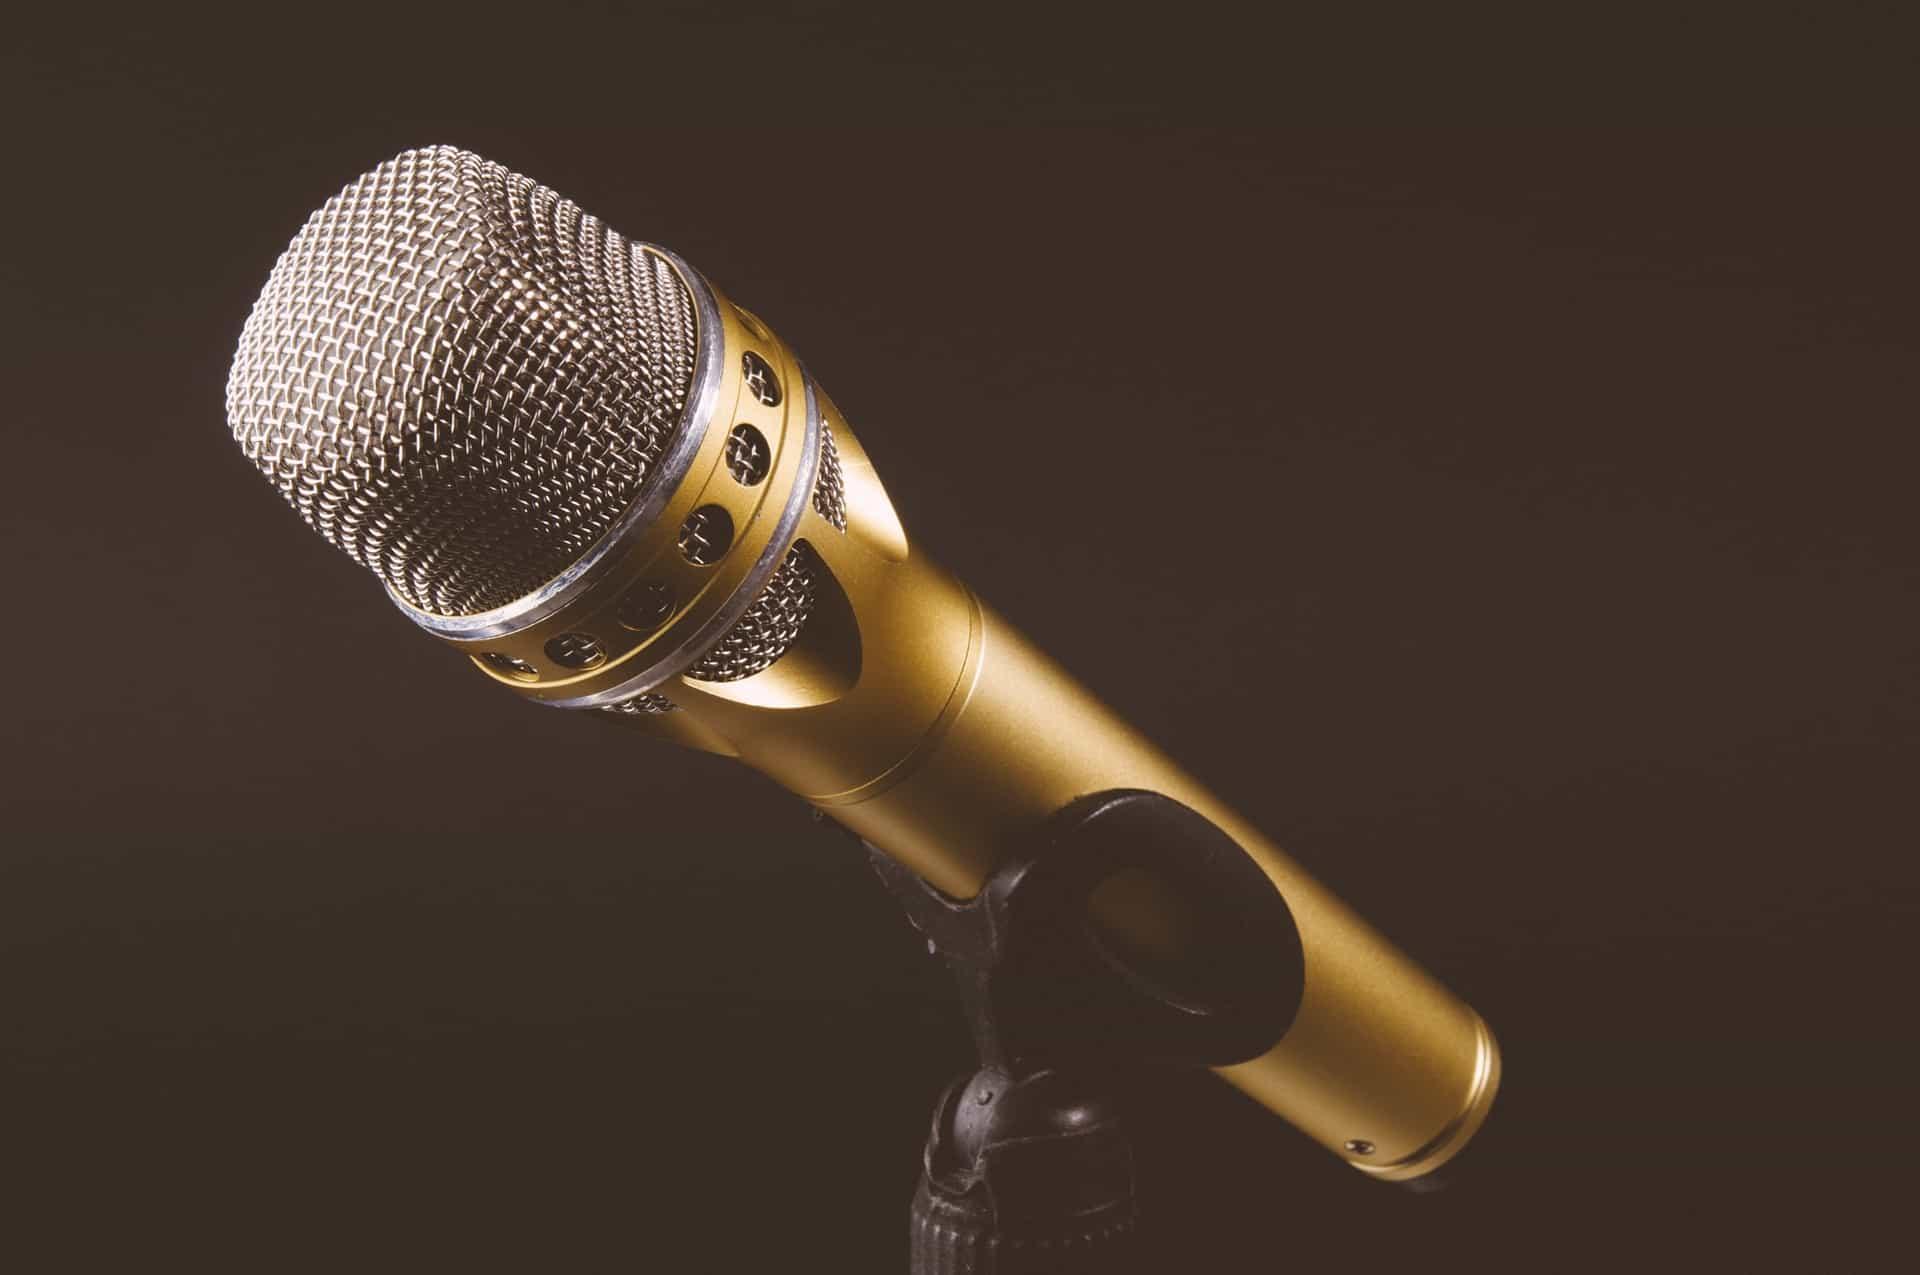 Fundo escuro com um microfone dourado de metal.